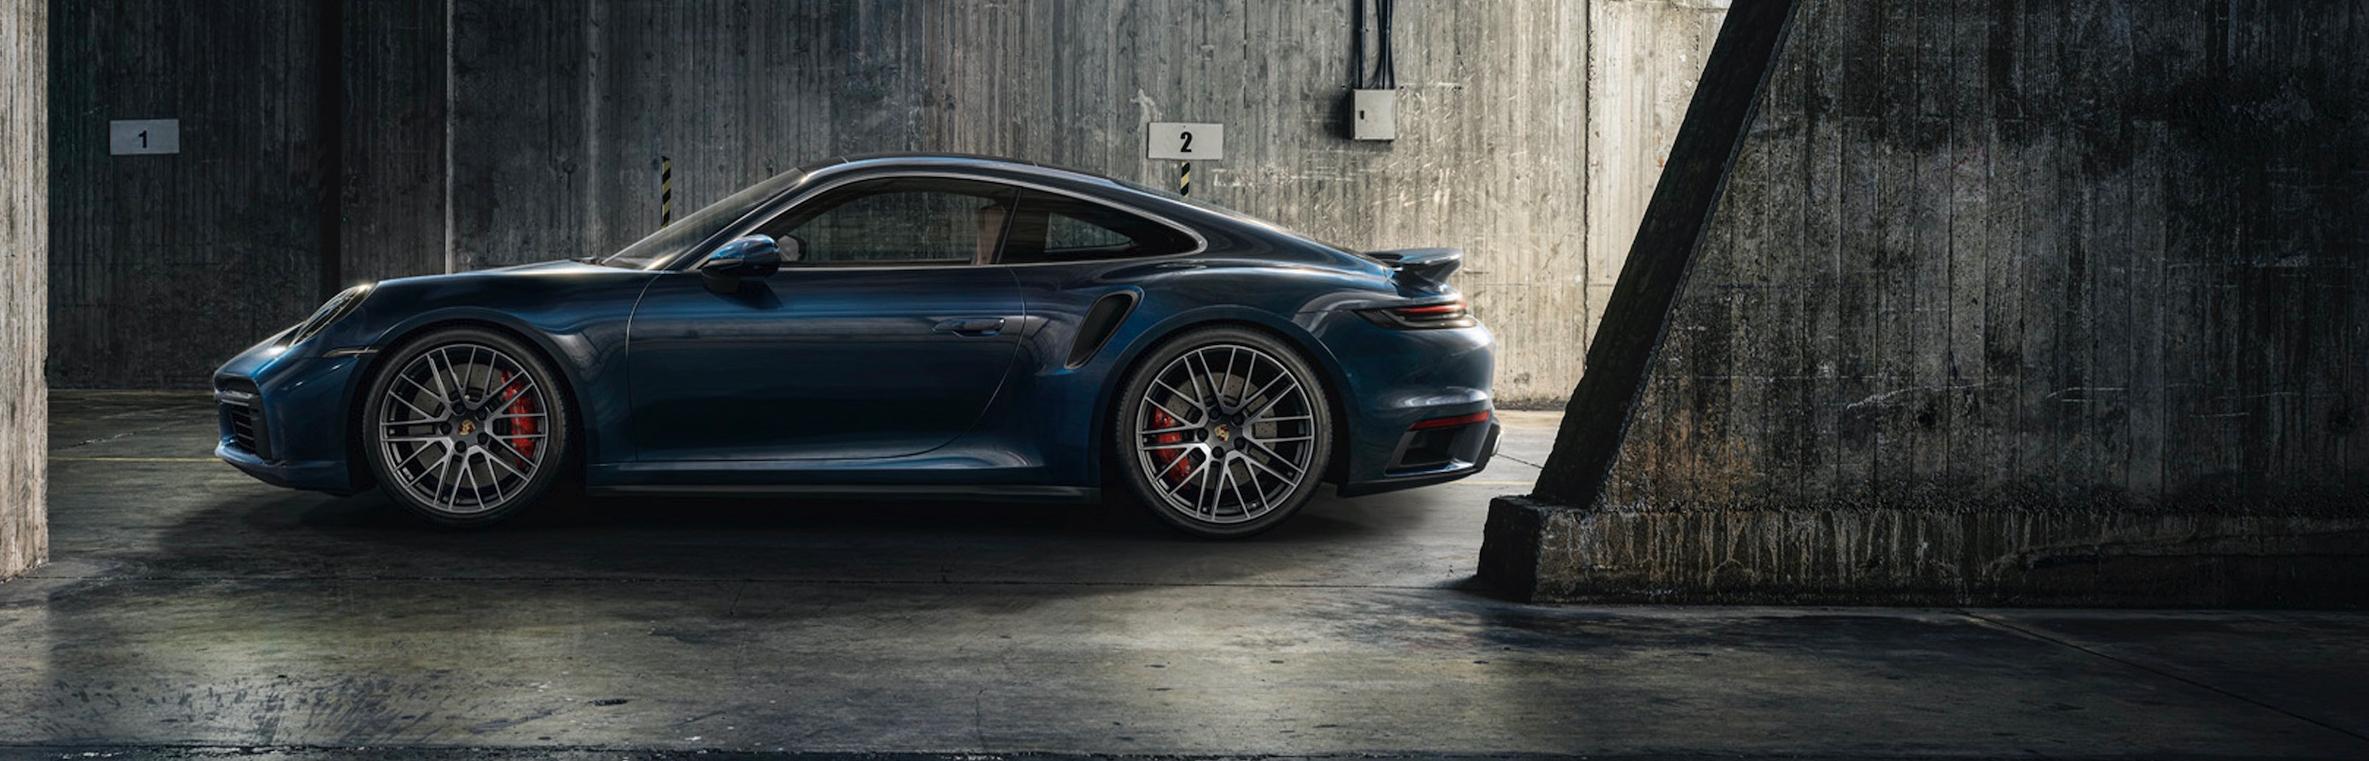 Porsche 911 Turbo, 45 años dando alegrías